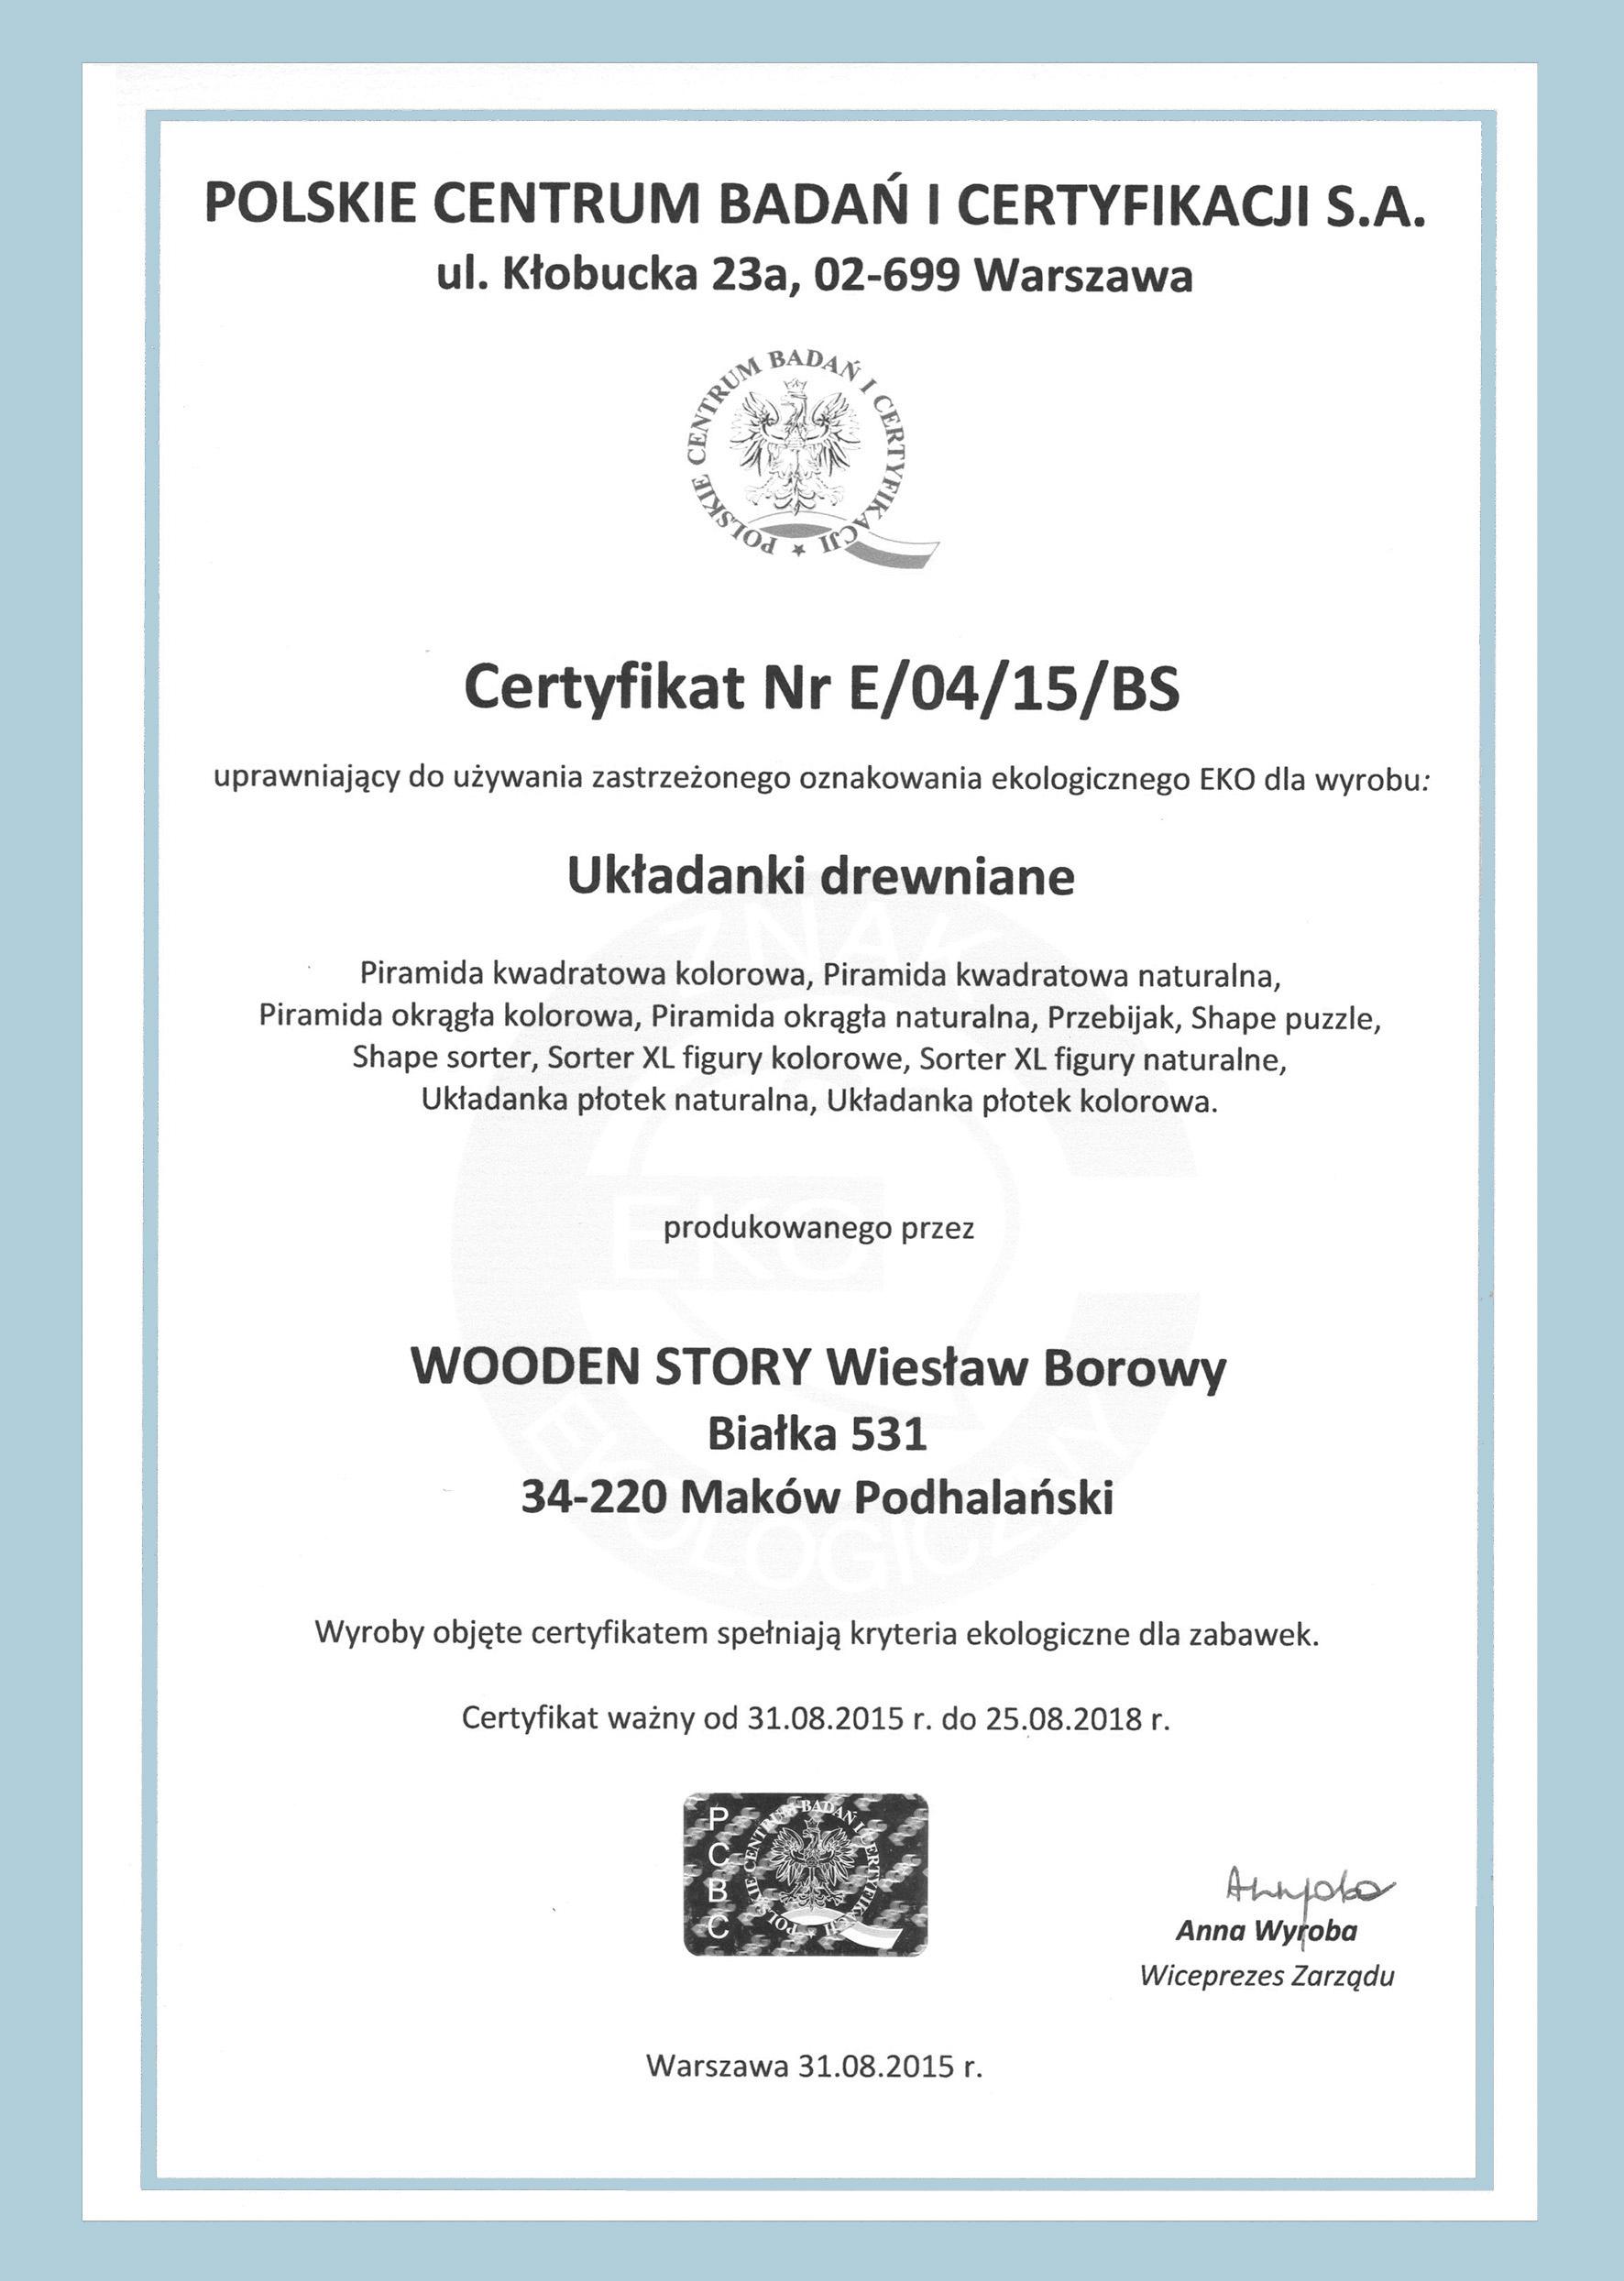 certyfikat_gray3_s.png